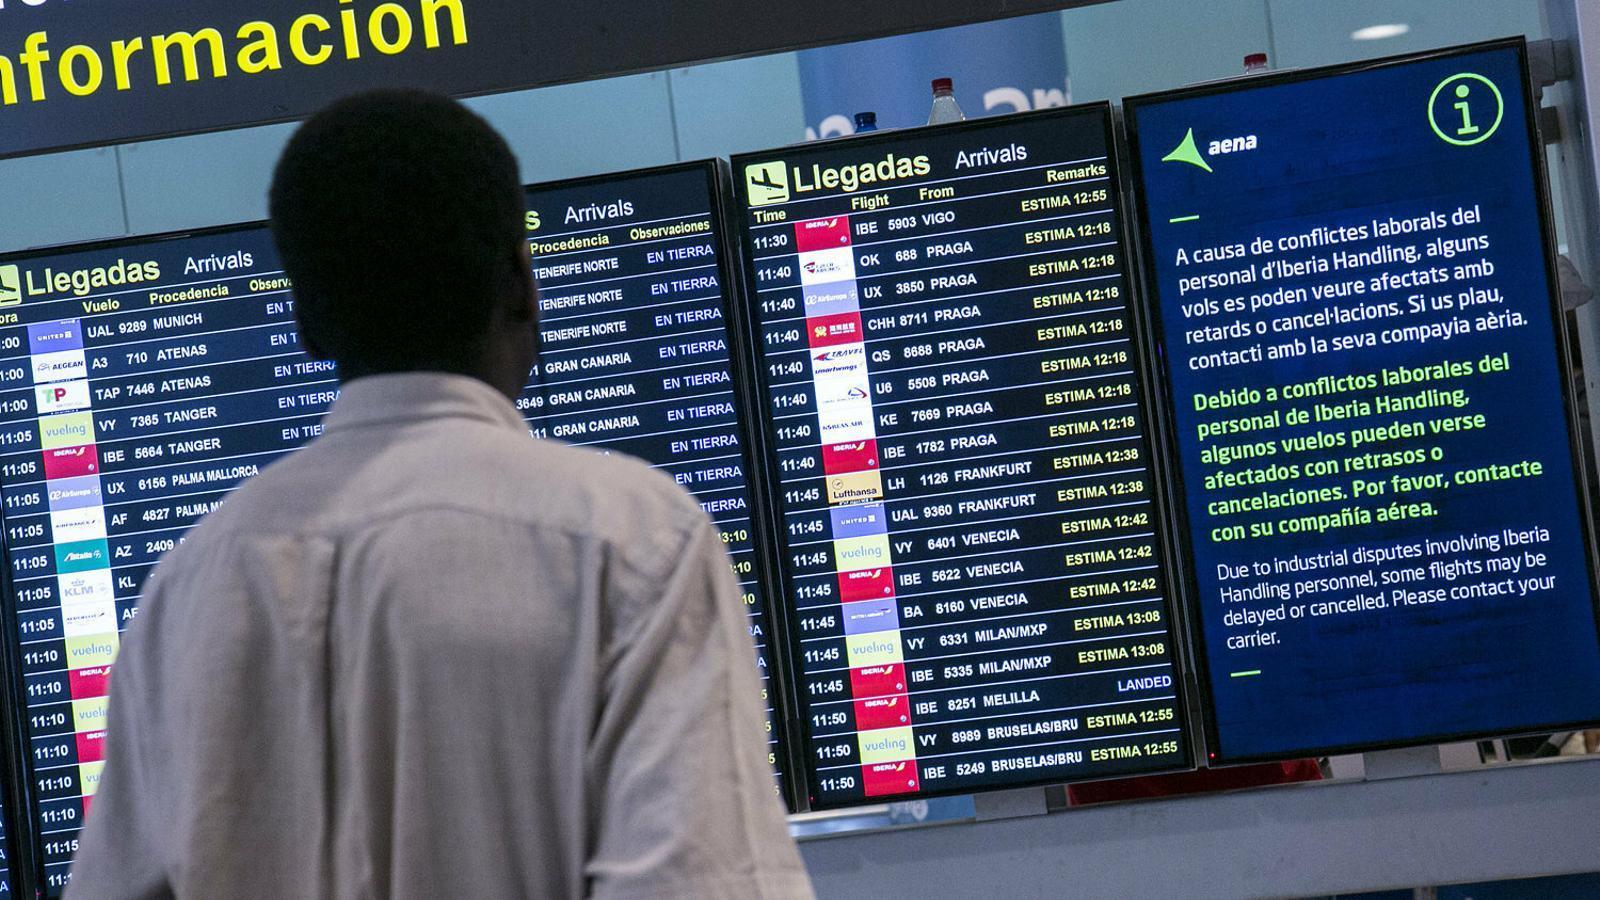 En marxa la nova vaga d'Iberia al Prat amb 134 vols cancel·lats